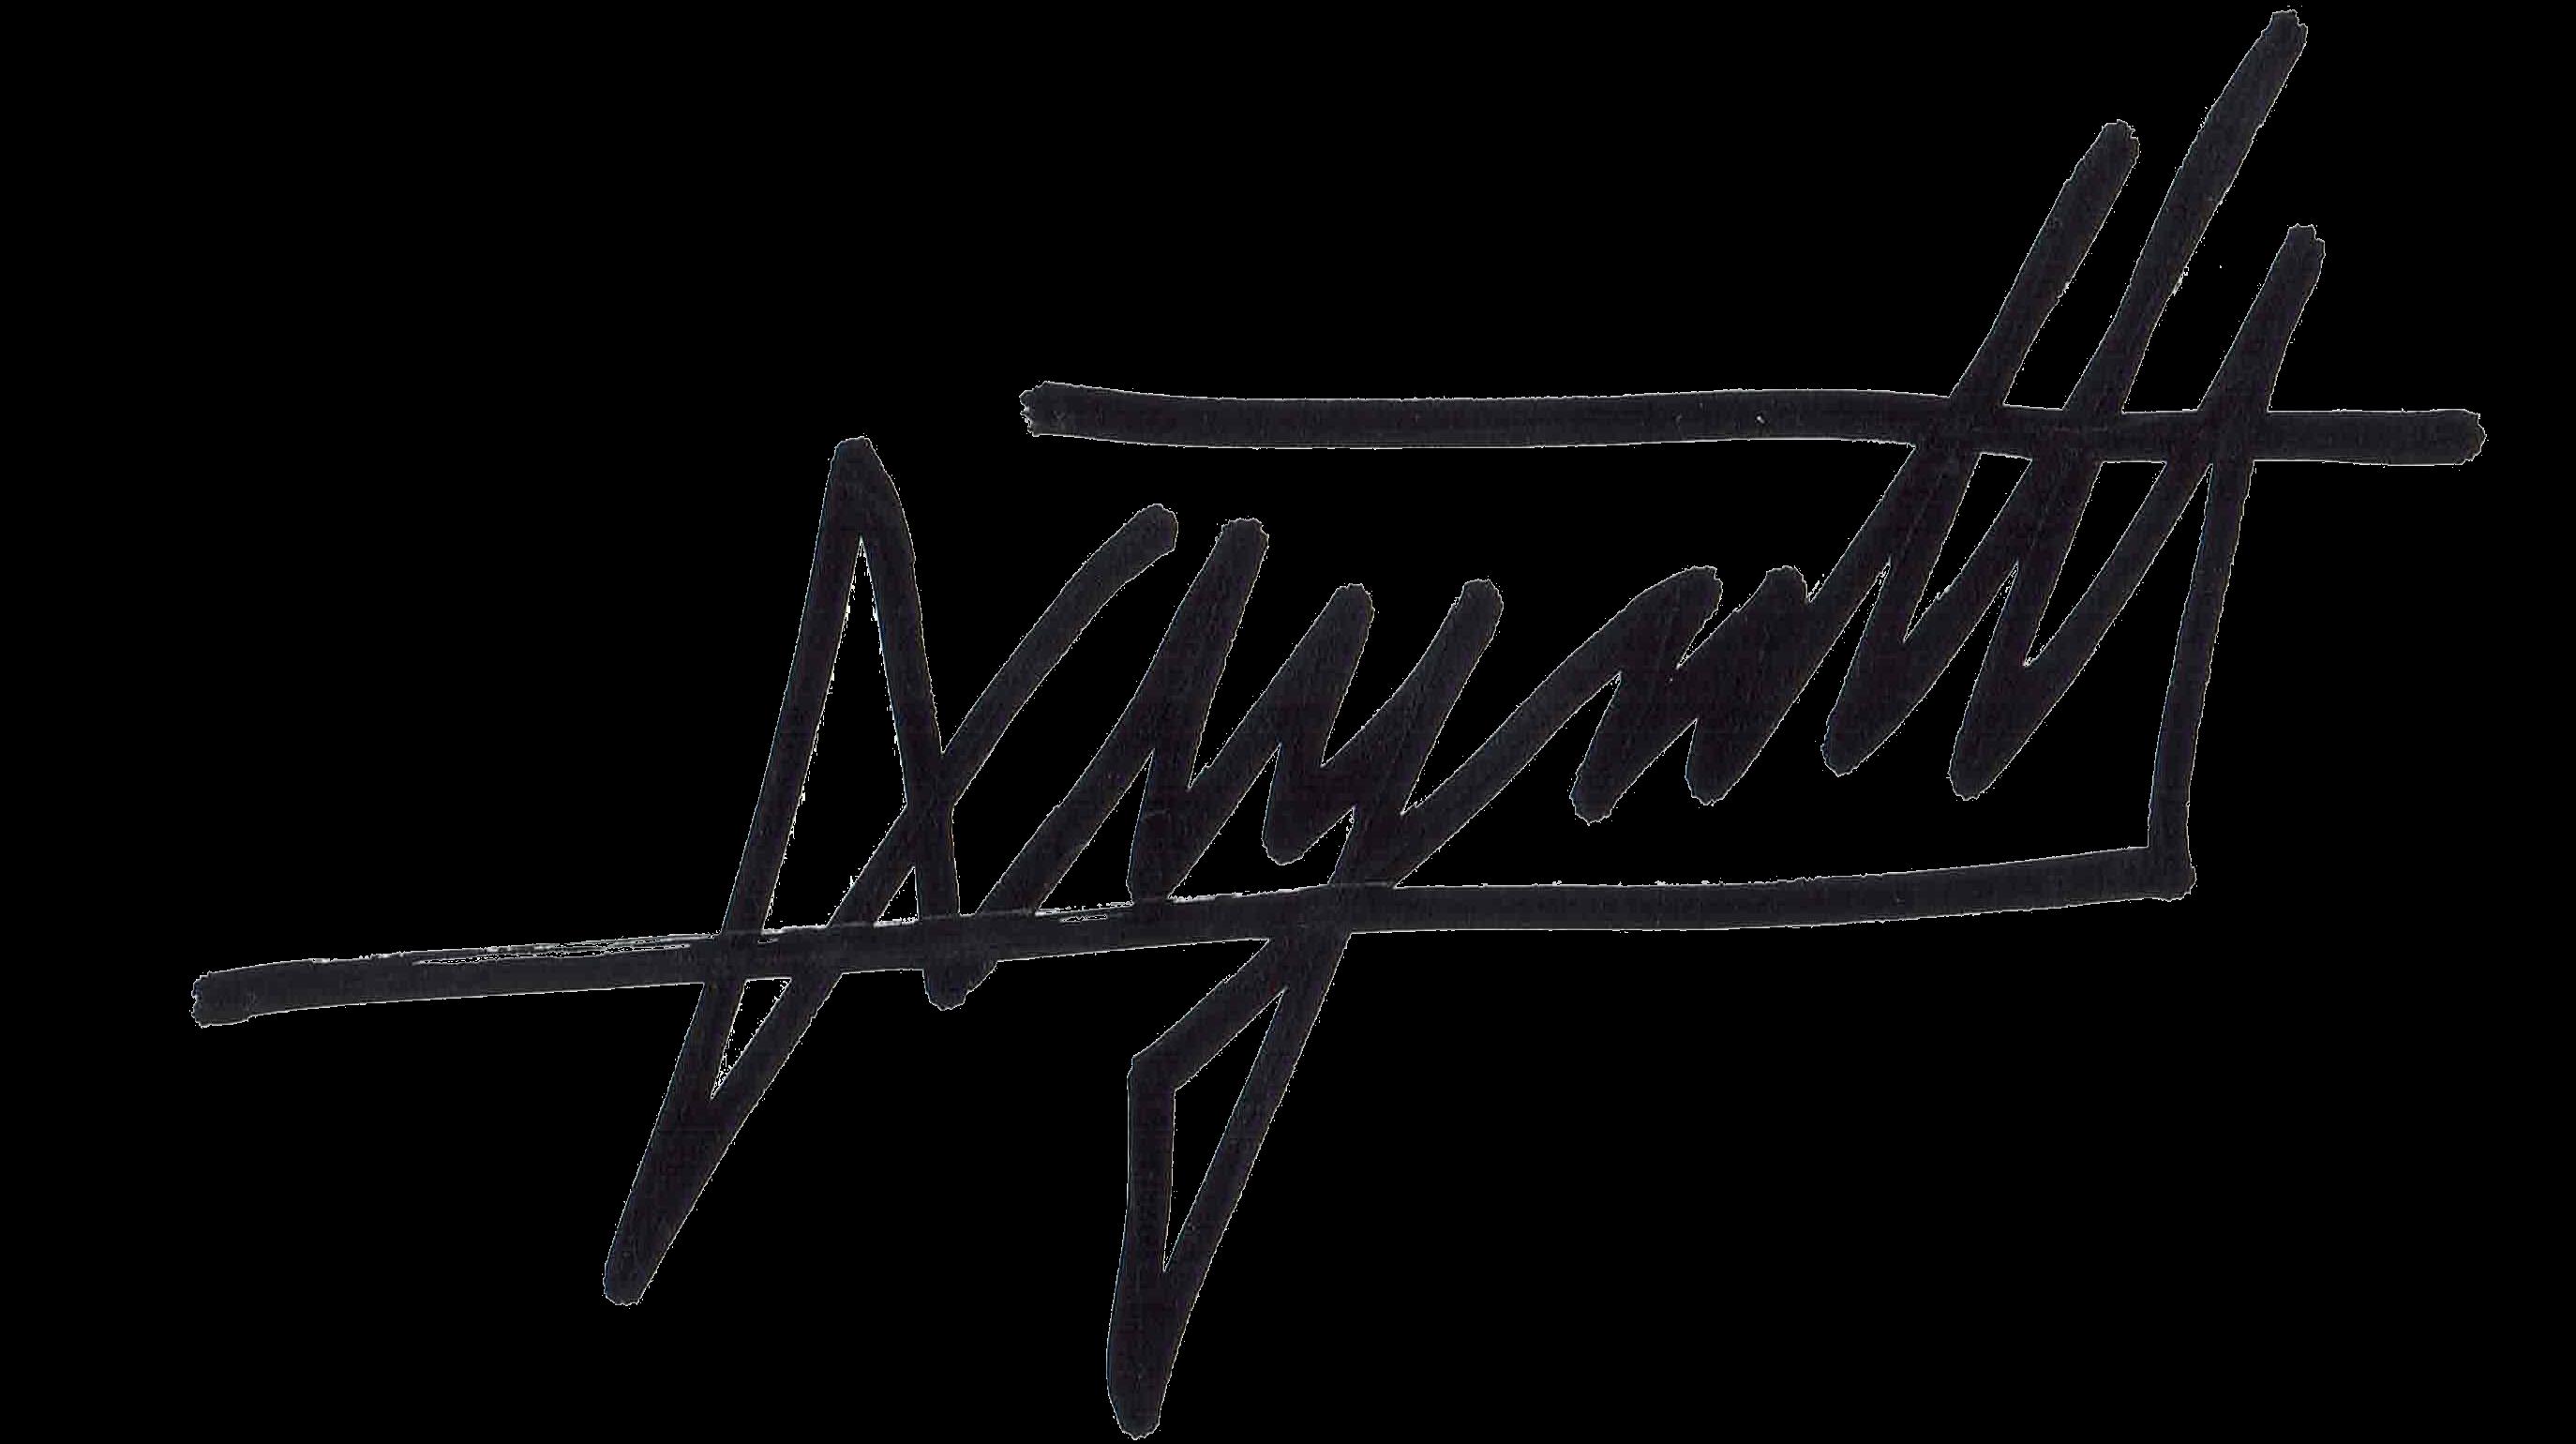 alexefigo .'s Signature